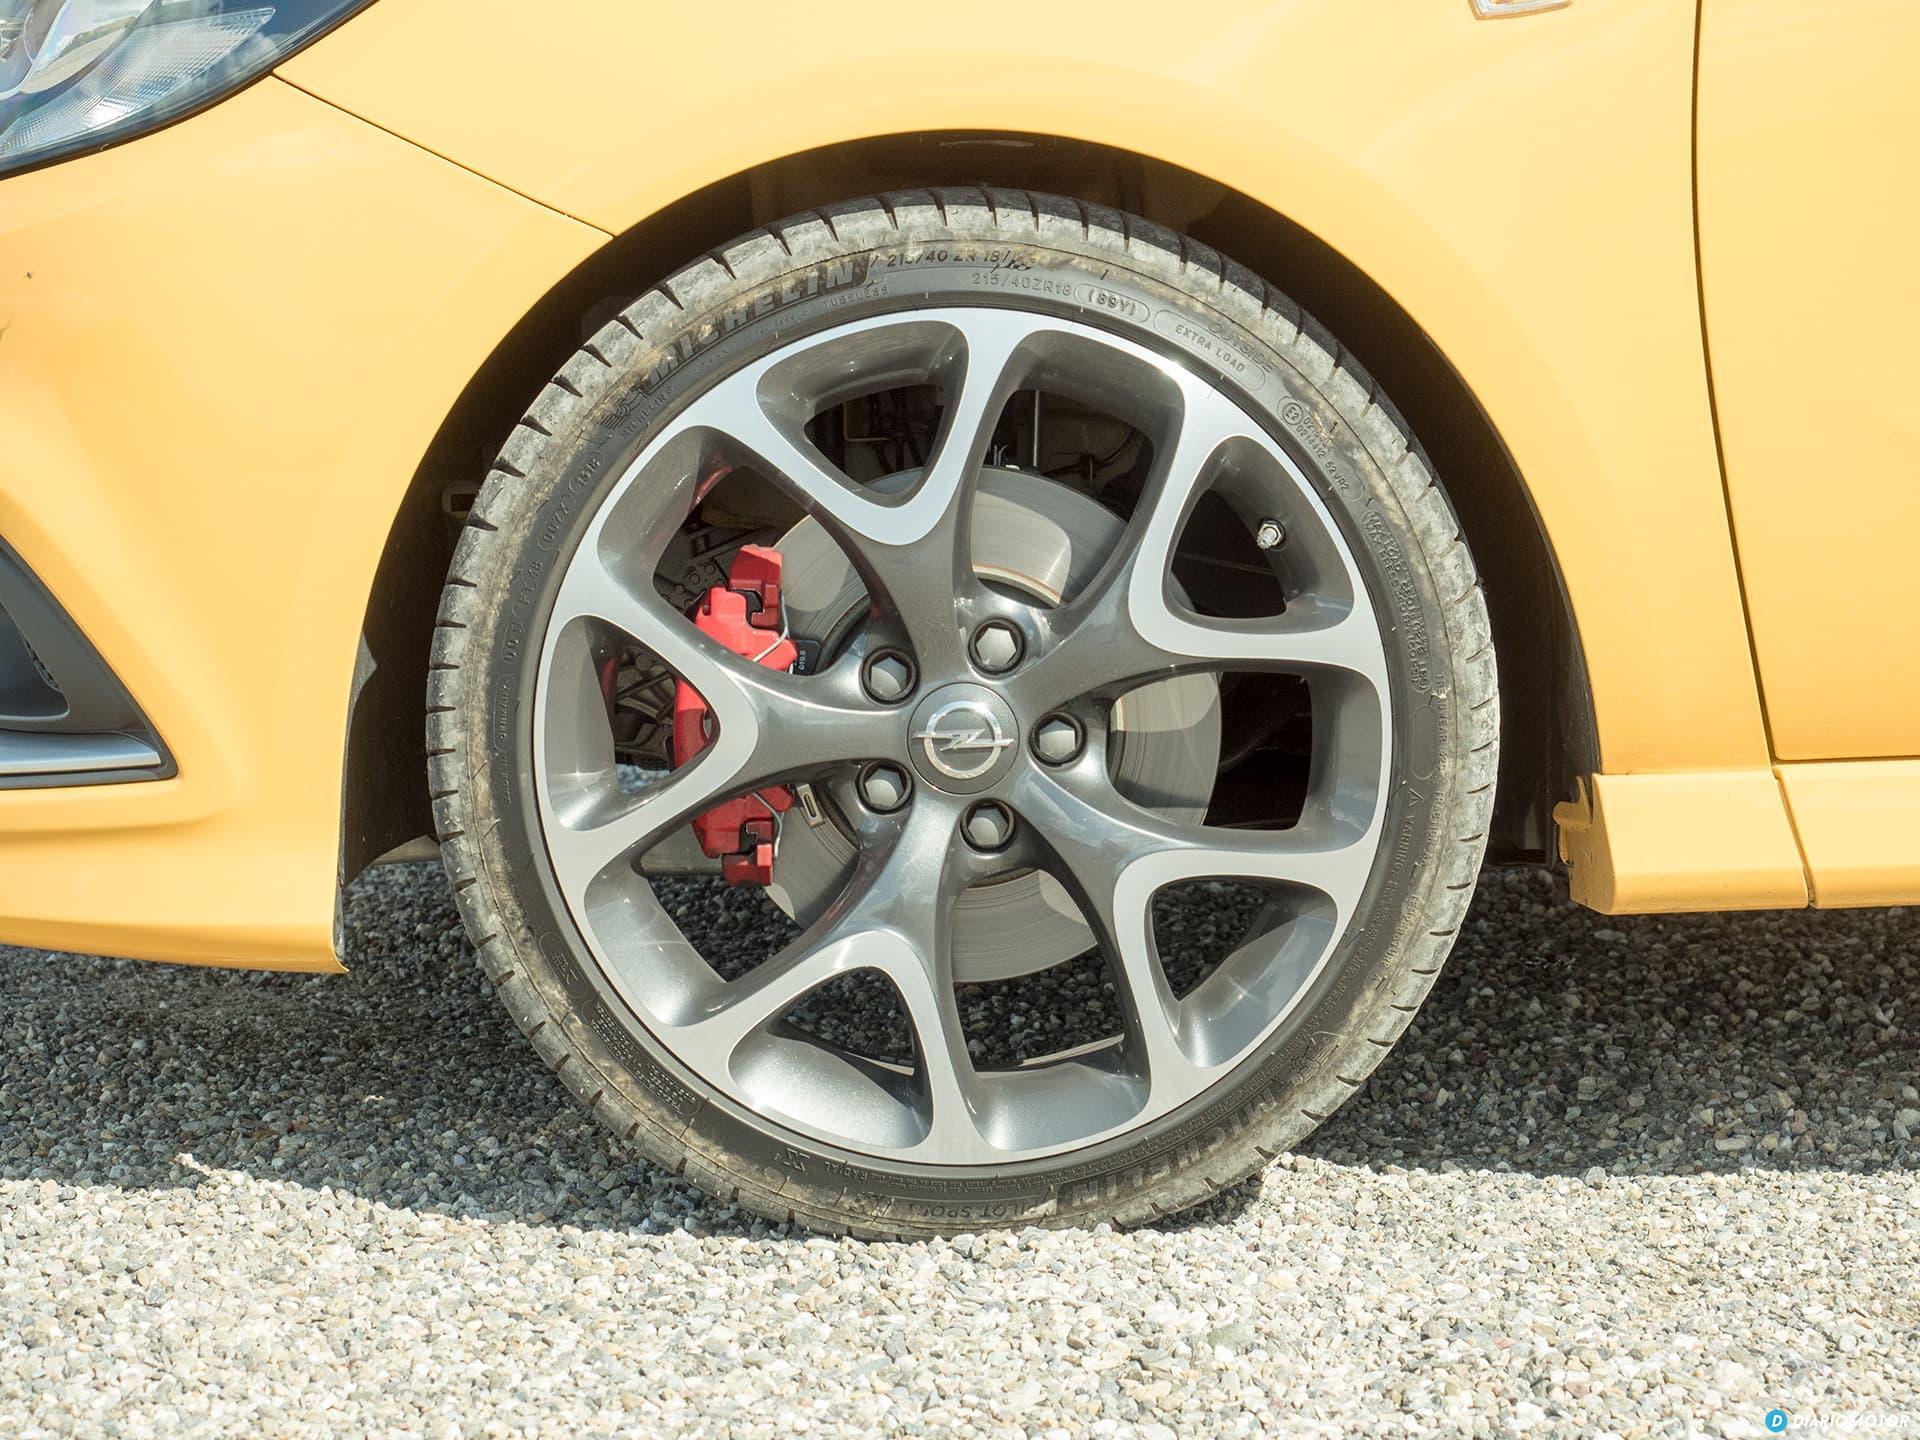 Opel Corsa Gsi Exterior 00005